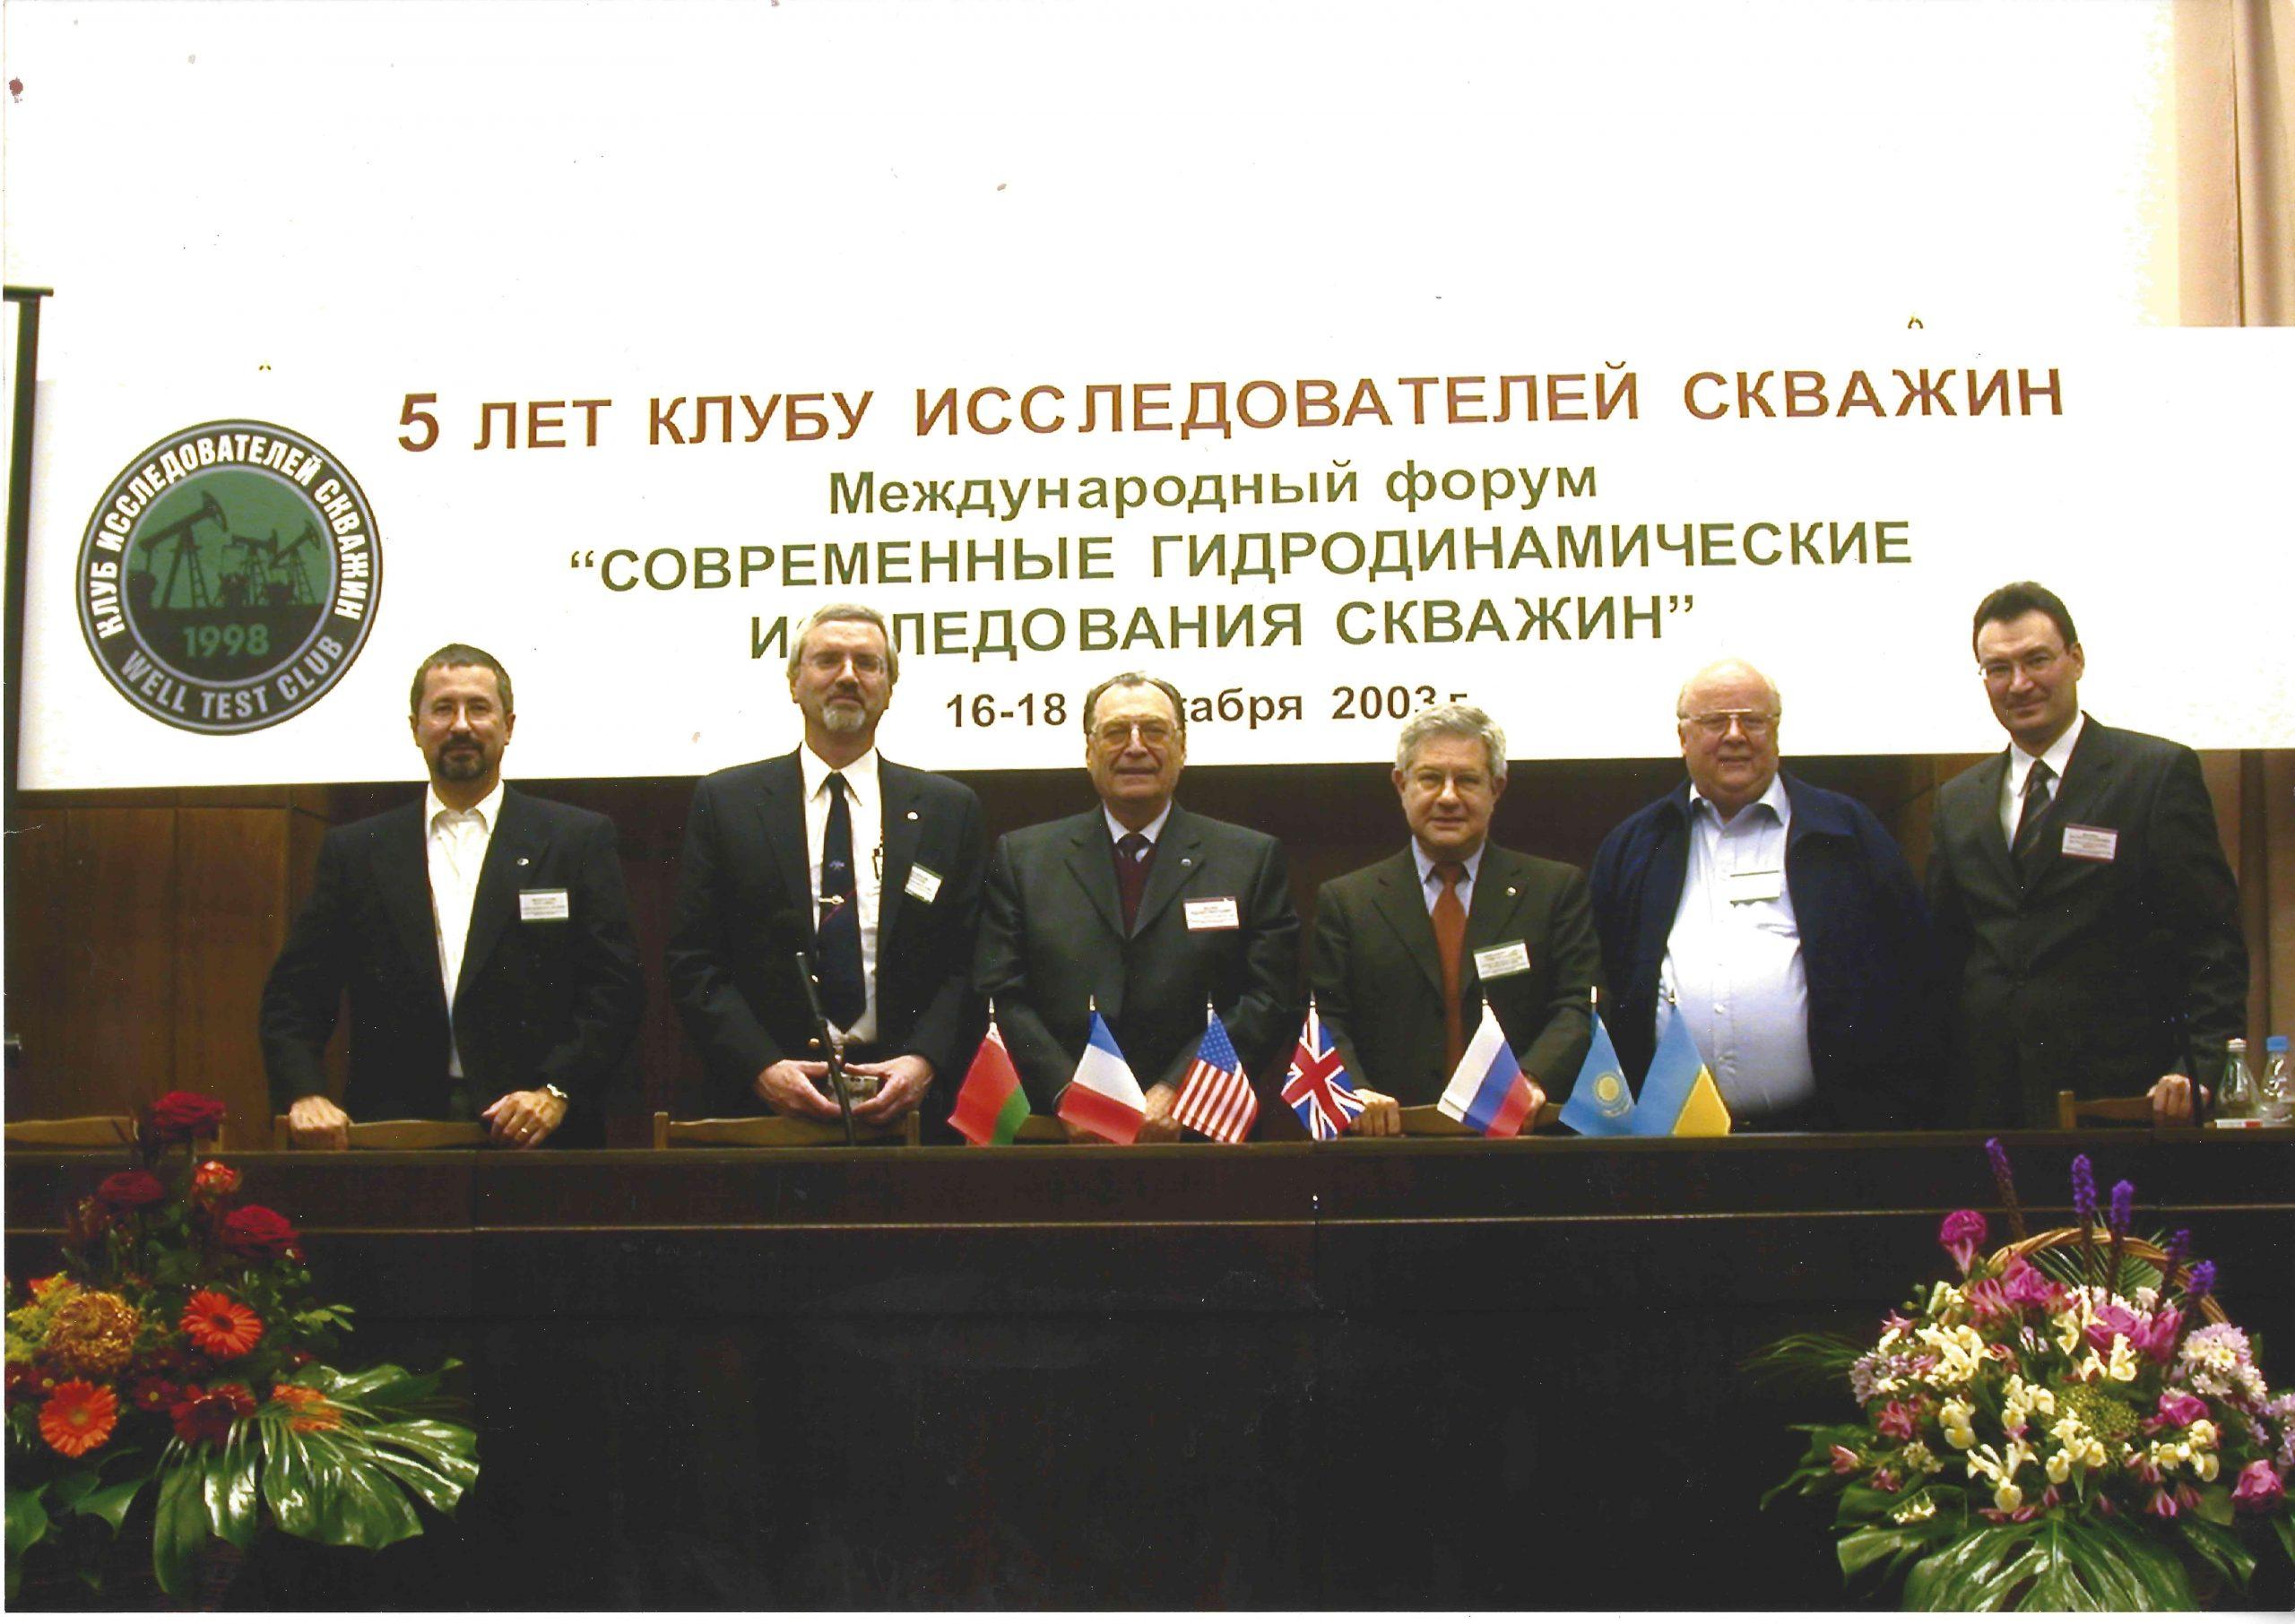 Международный Форум «Современные гидродинамические исследования скважин», 5лет Клубу исследователей скважин